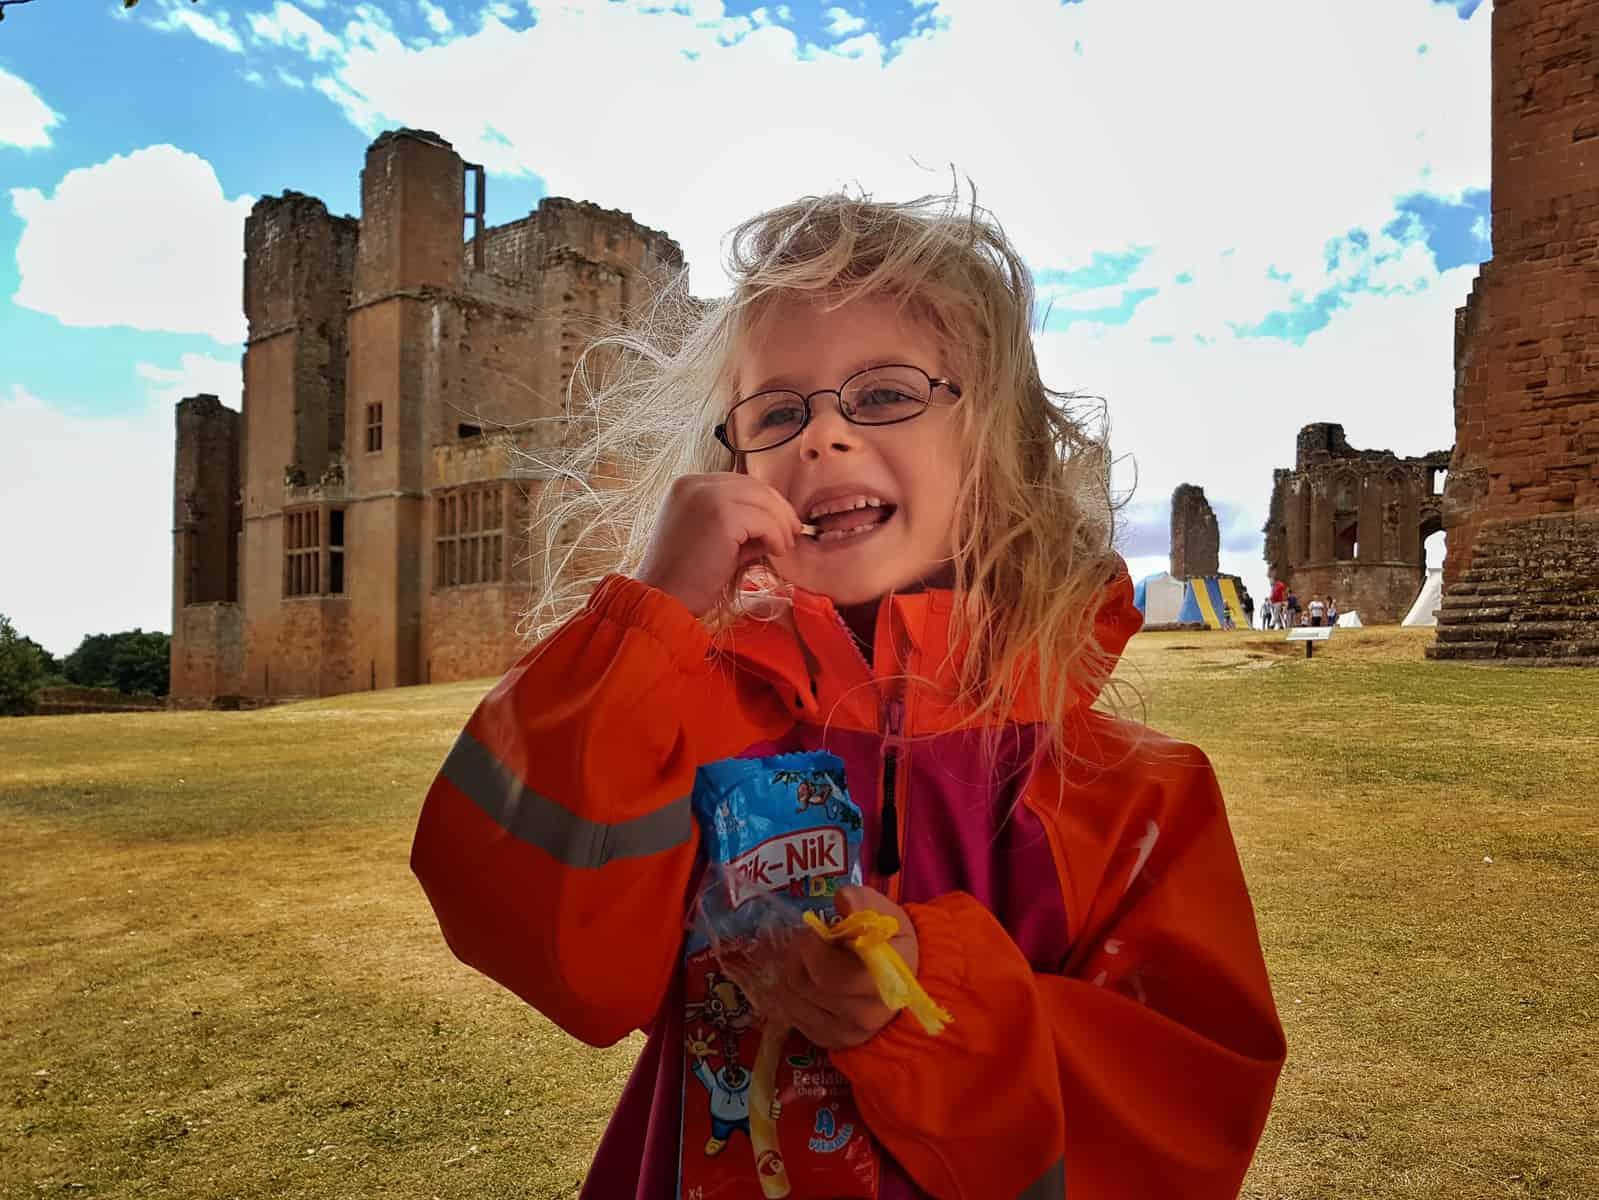 Pik-Nik cheese sticks girl eating outdoors